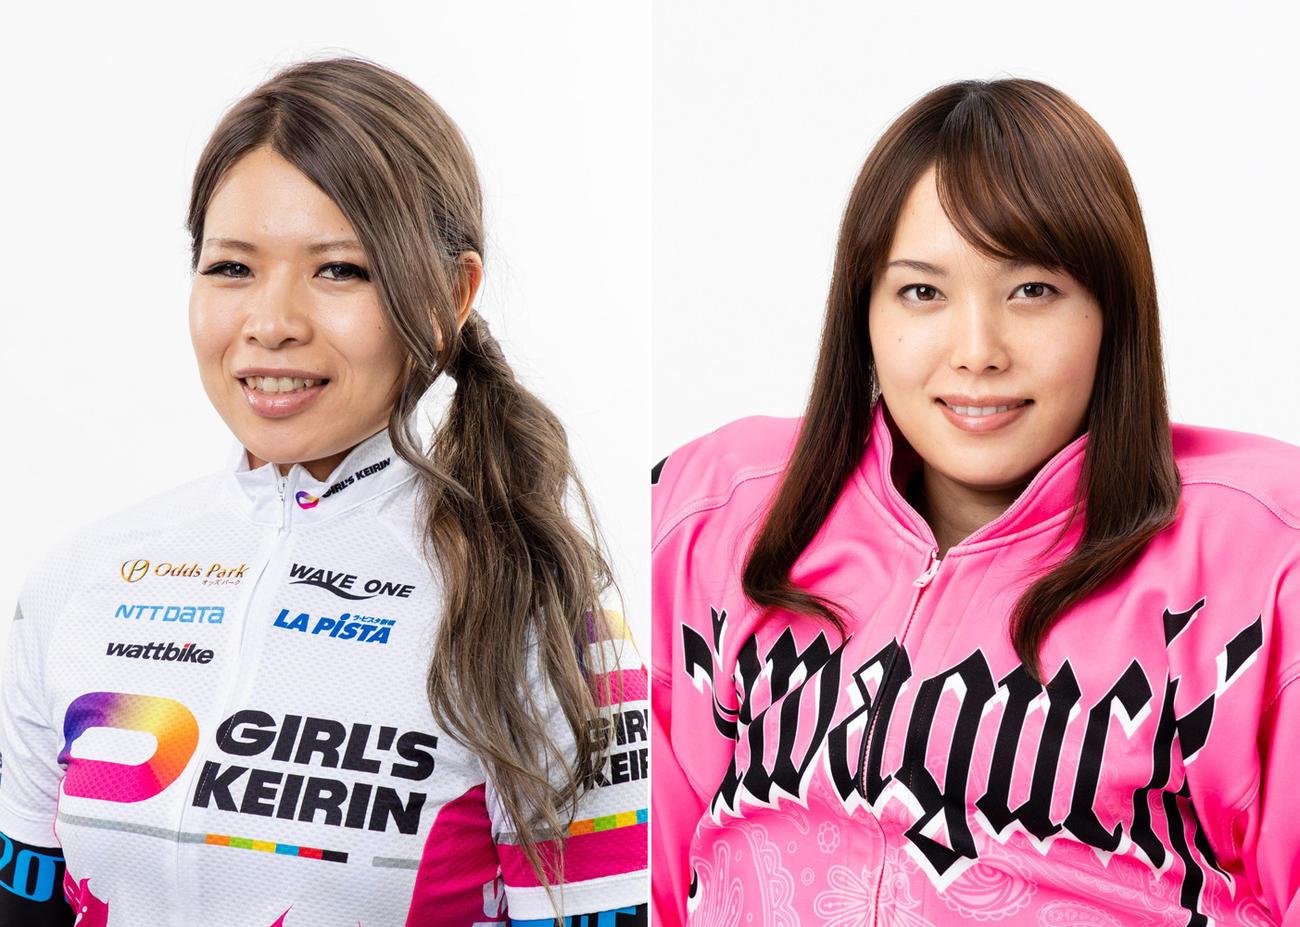 ガールズケイリンの石井寛子(左)とオートレーサーの佐藤摩弥